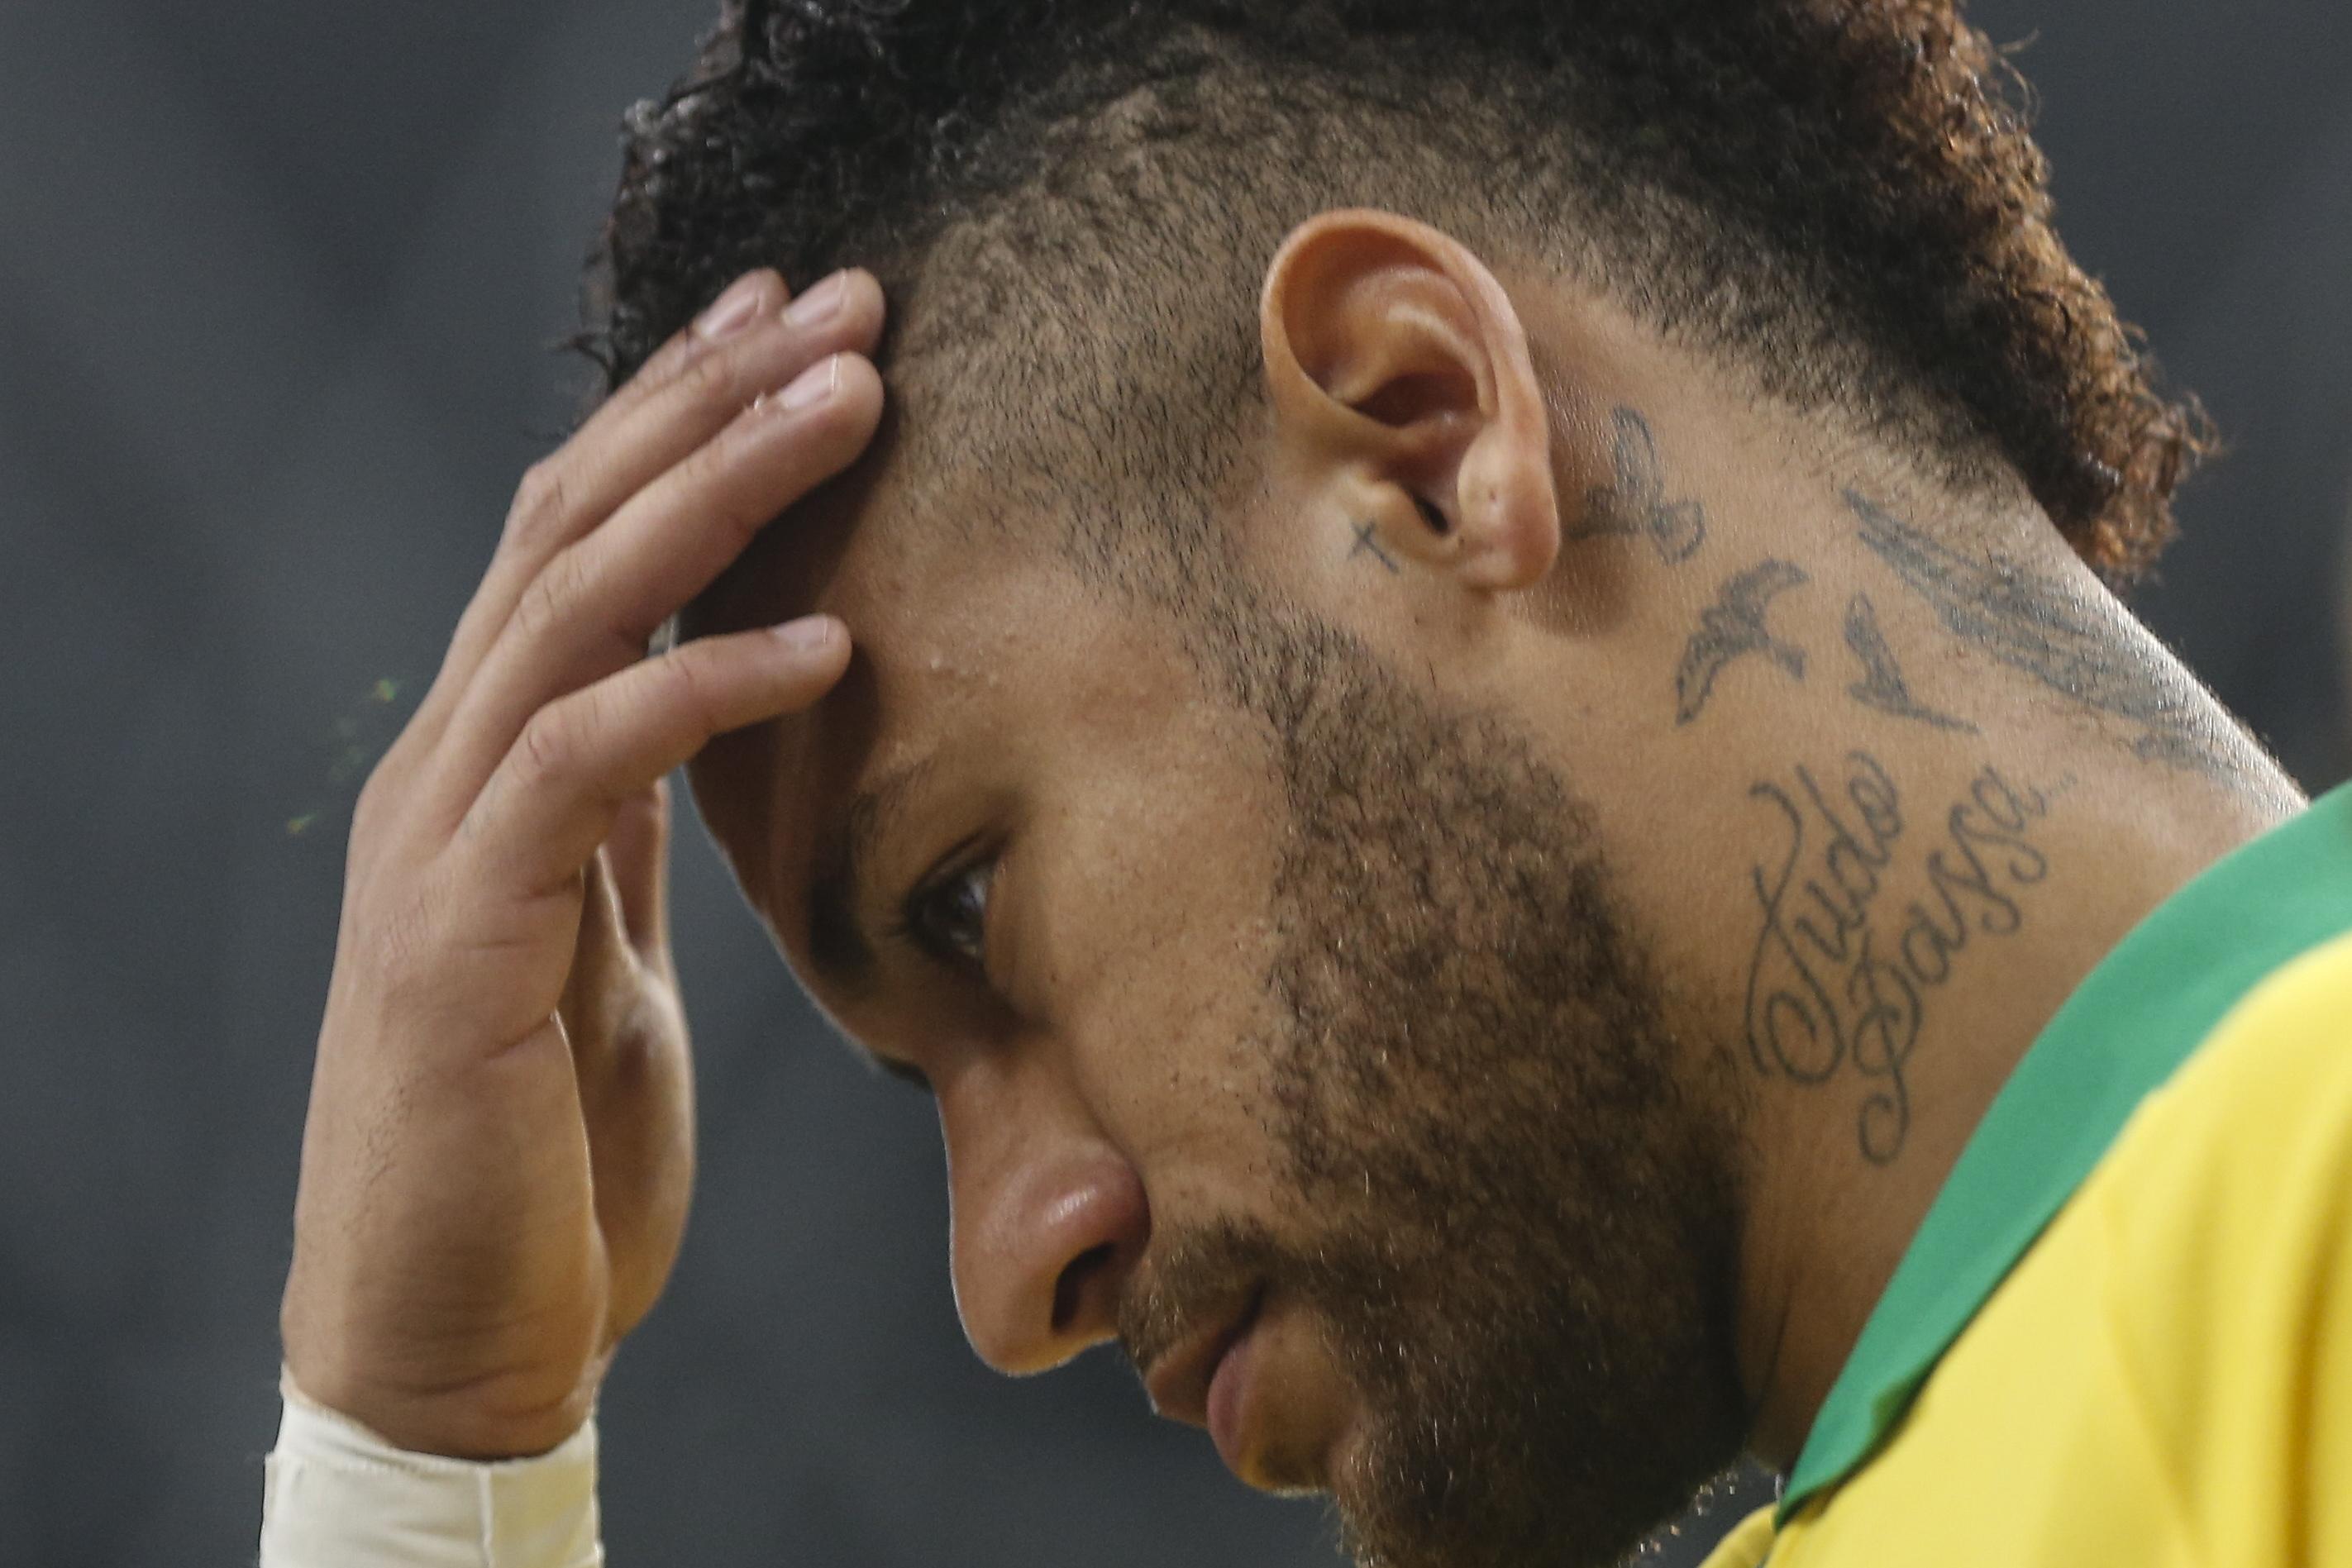 Neymar para quatro semanas devido a lesão na coxa